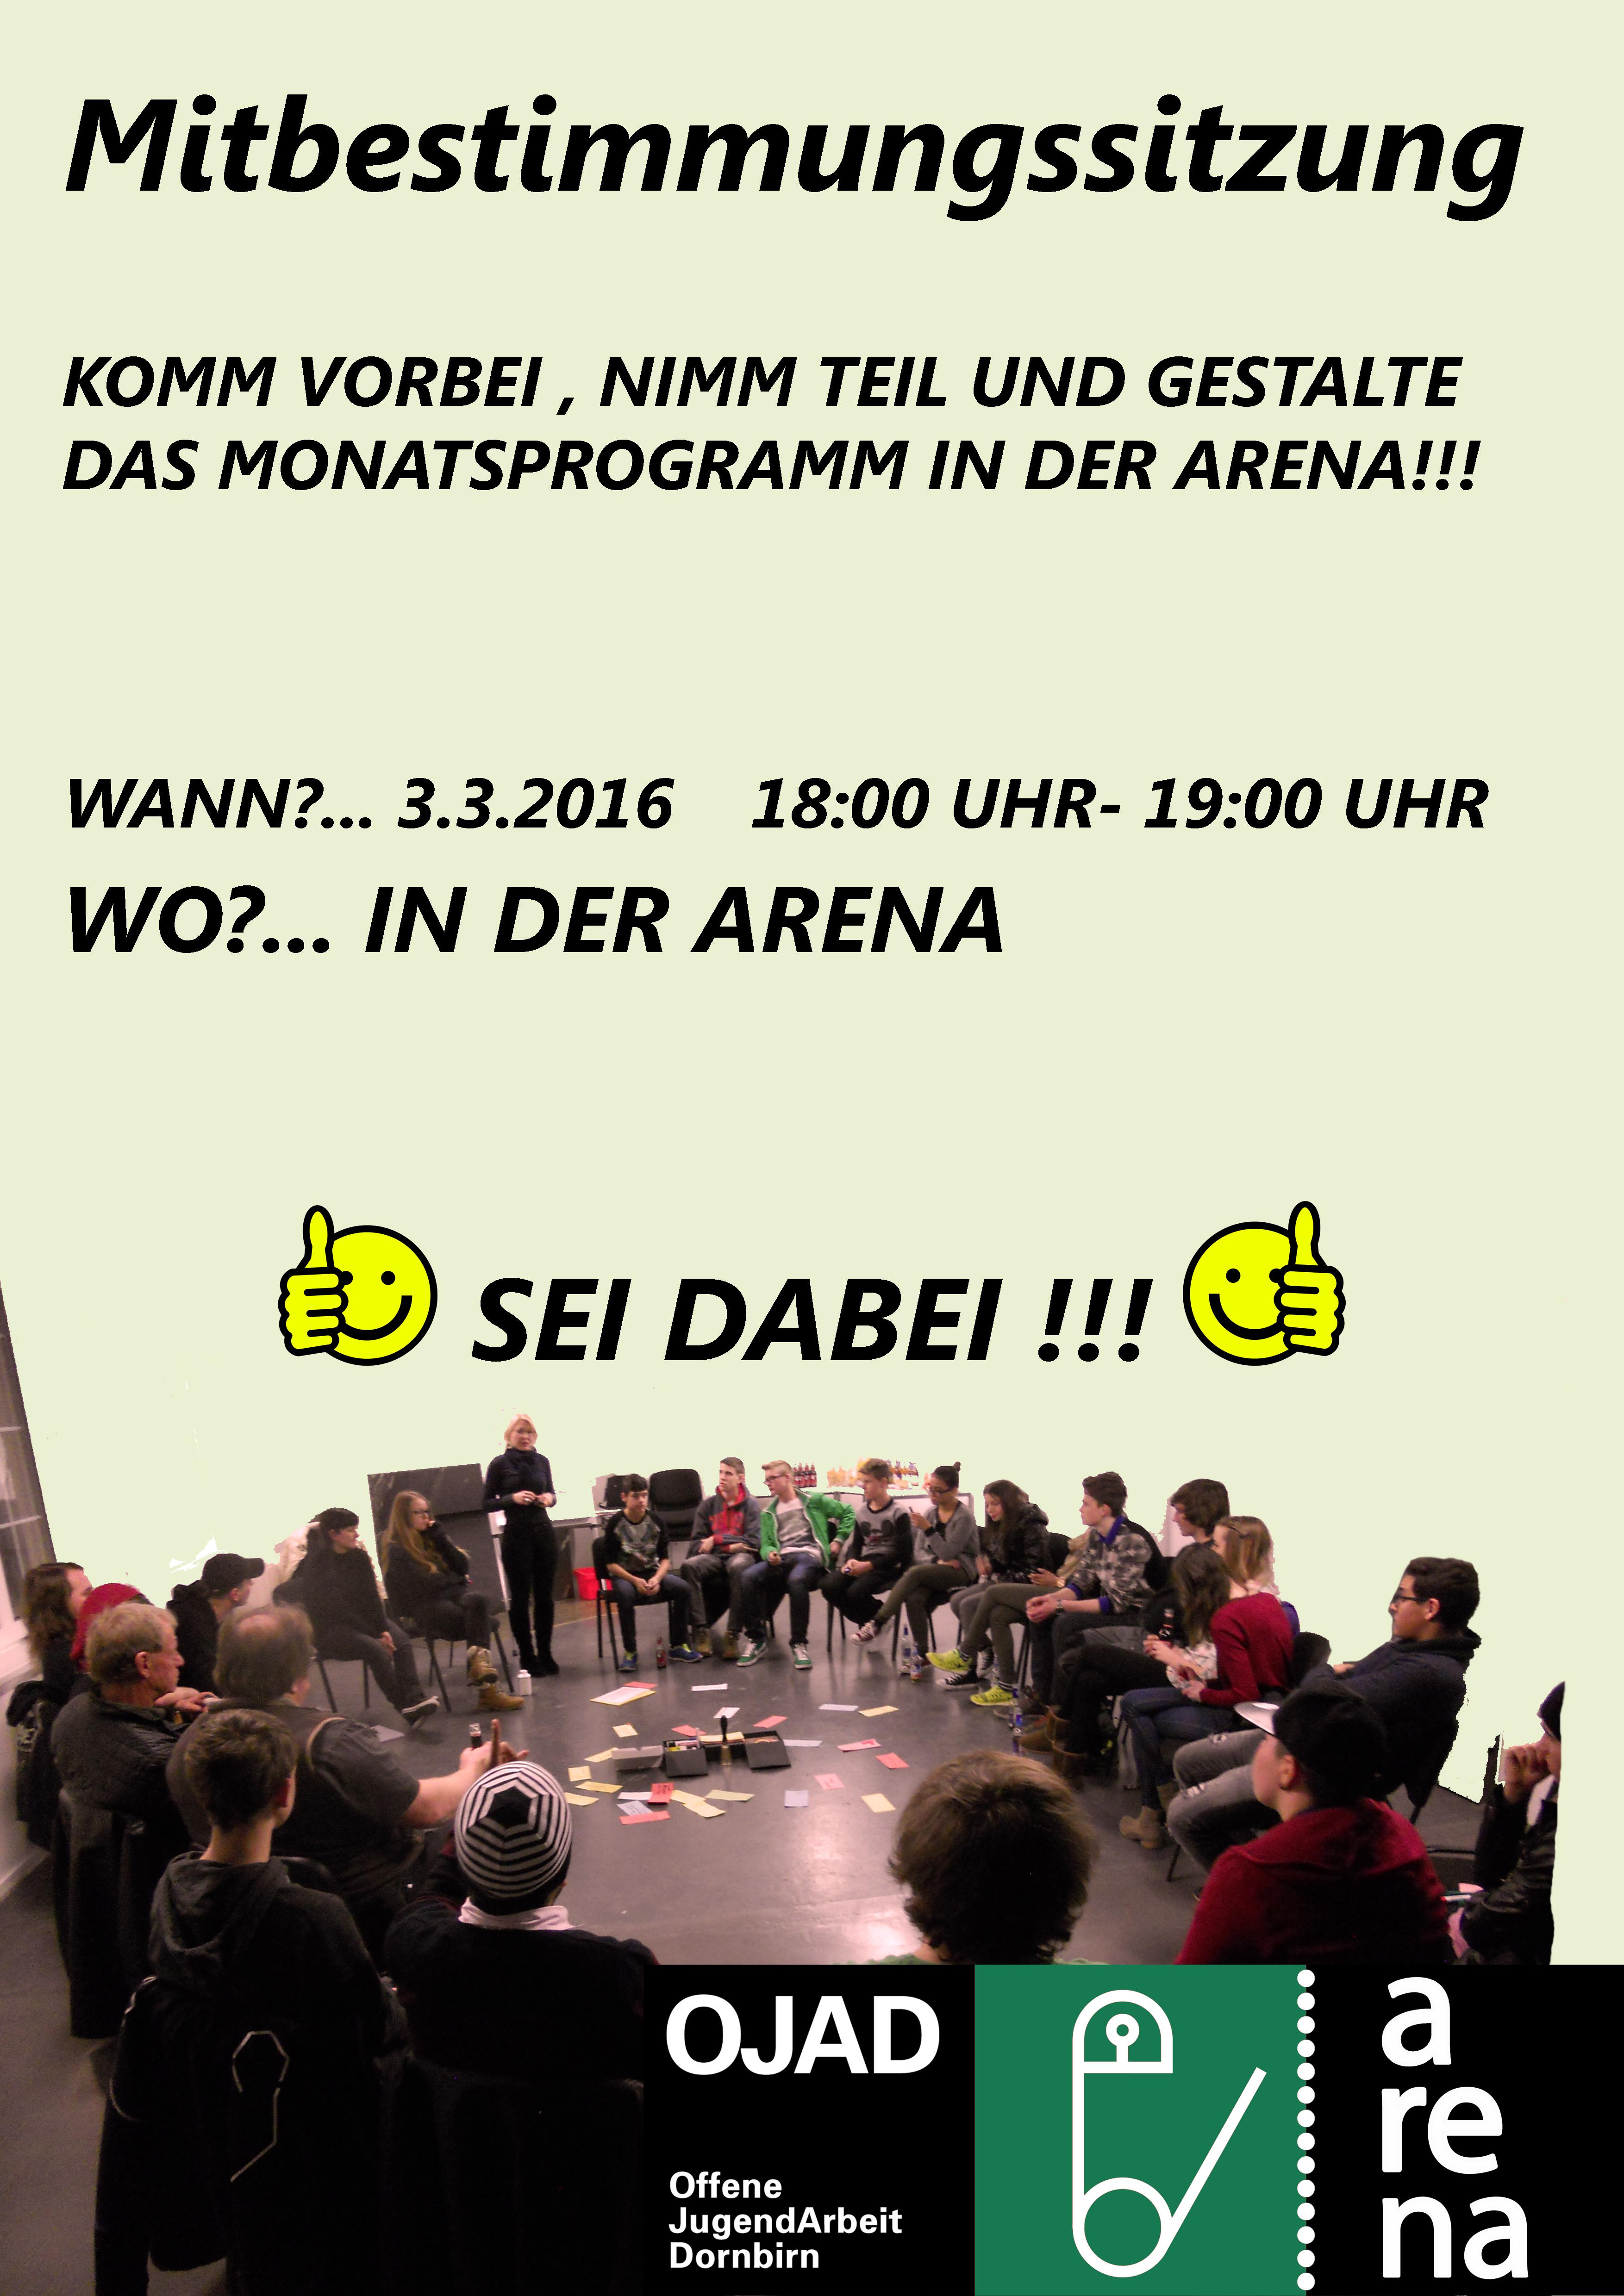 Arena Mitbestimmungssitzung 2